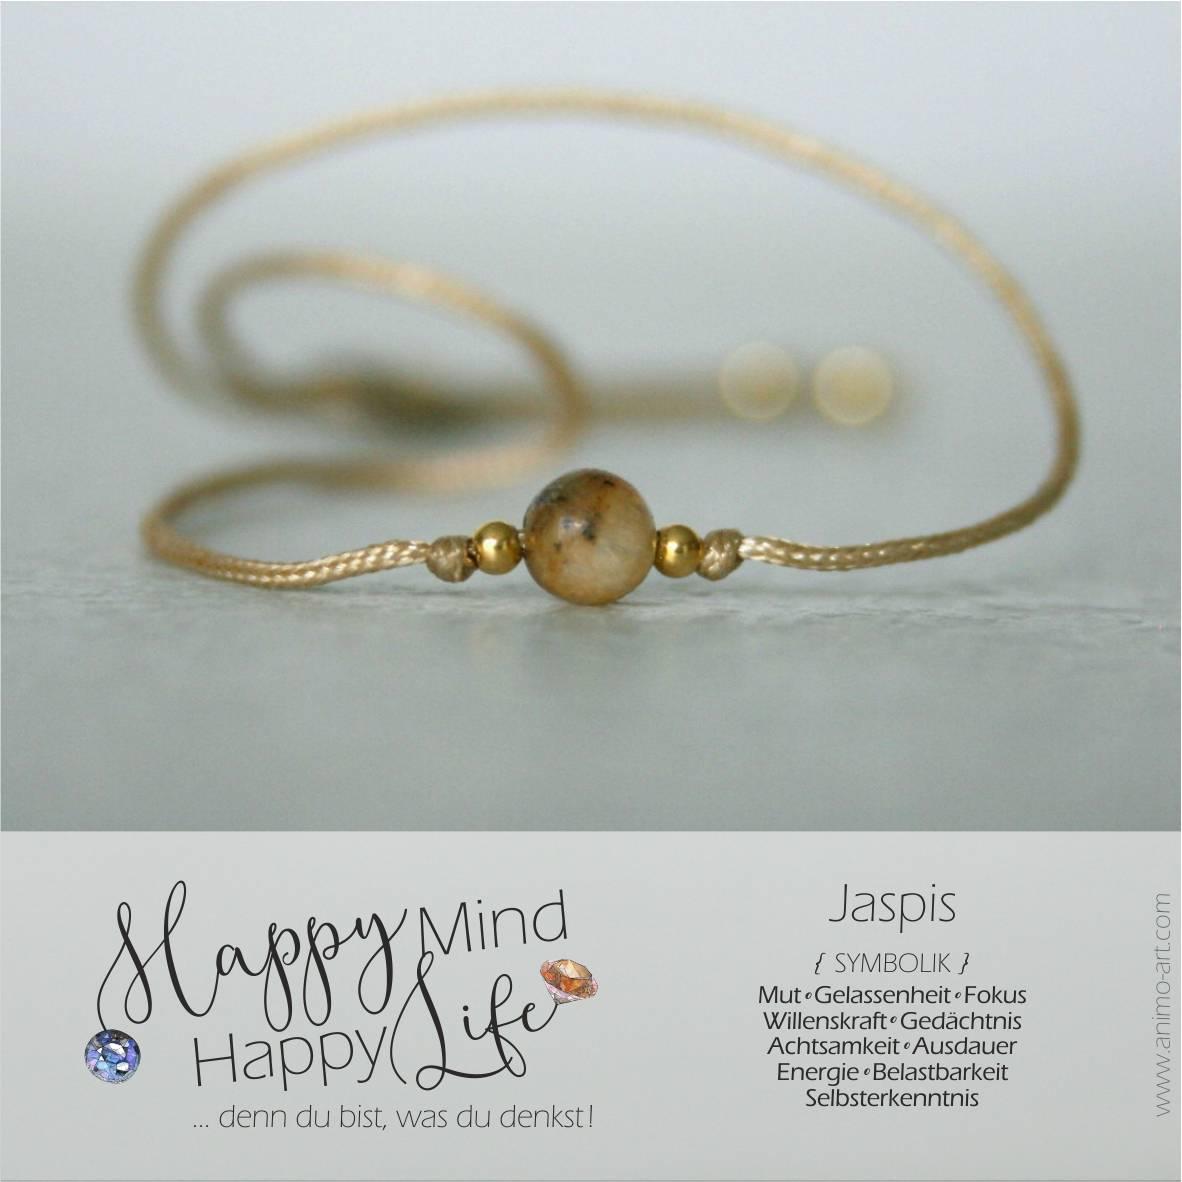 Jasper Bedeutung / Schmuck mit Jasper-Edelstein in beige braun, Happy Mind Happy Life